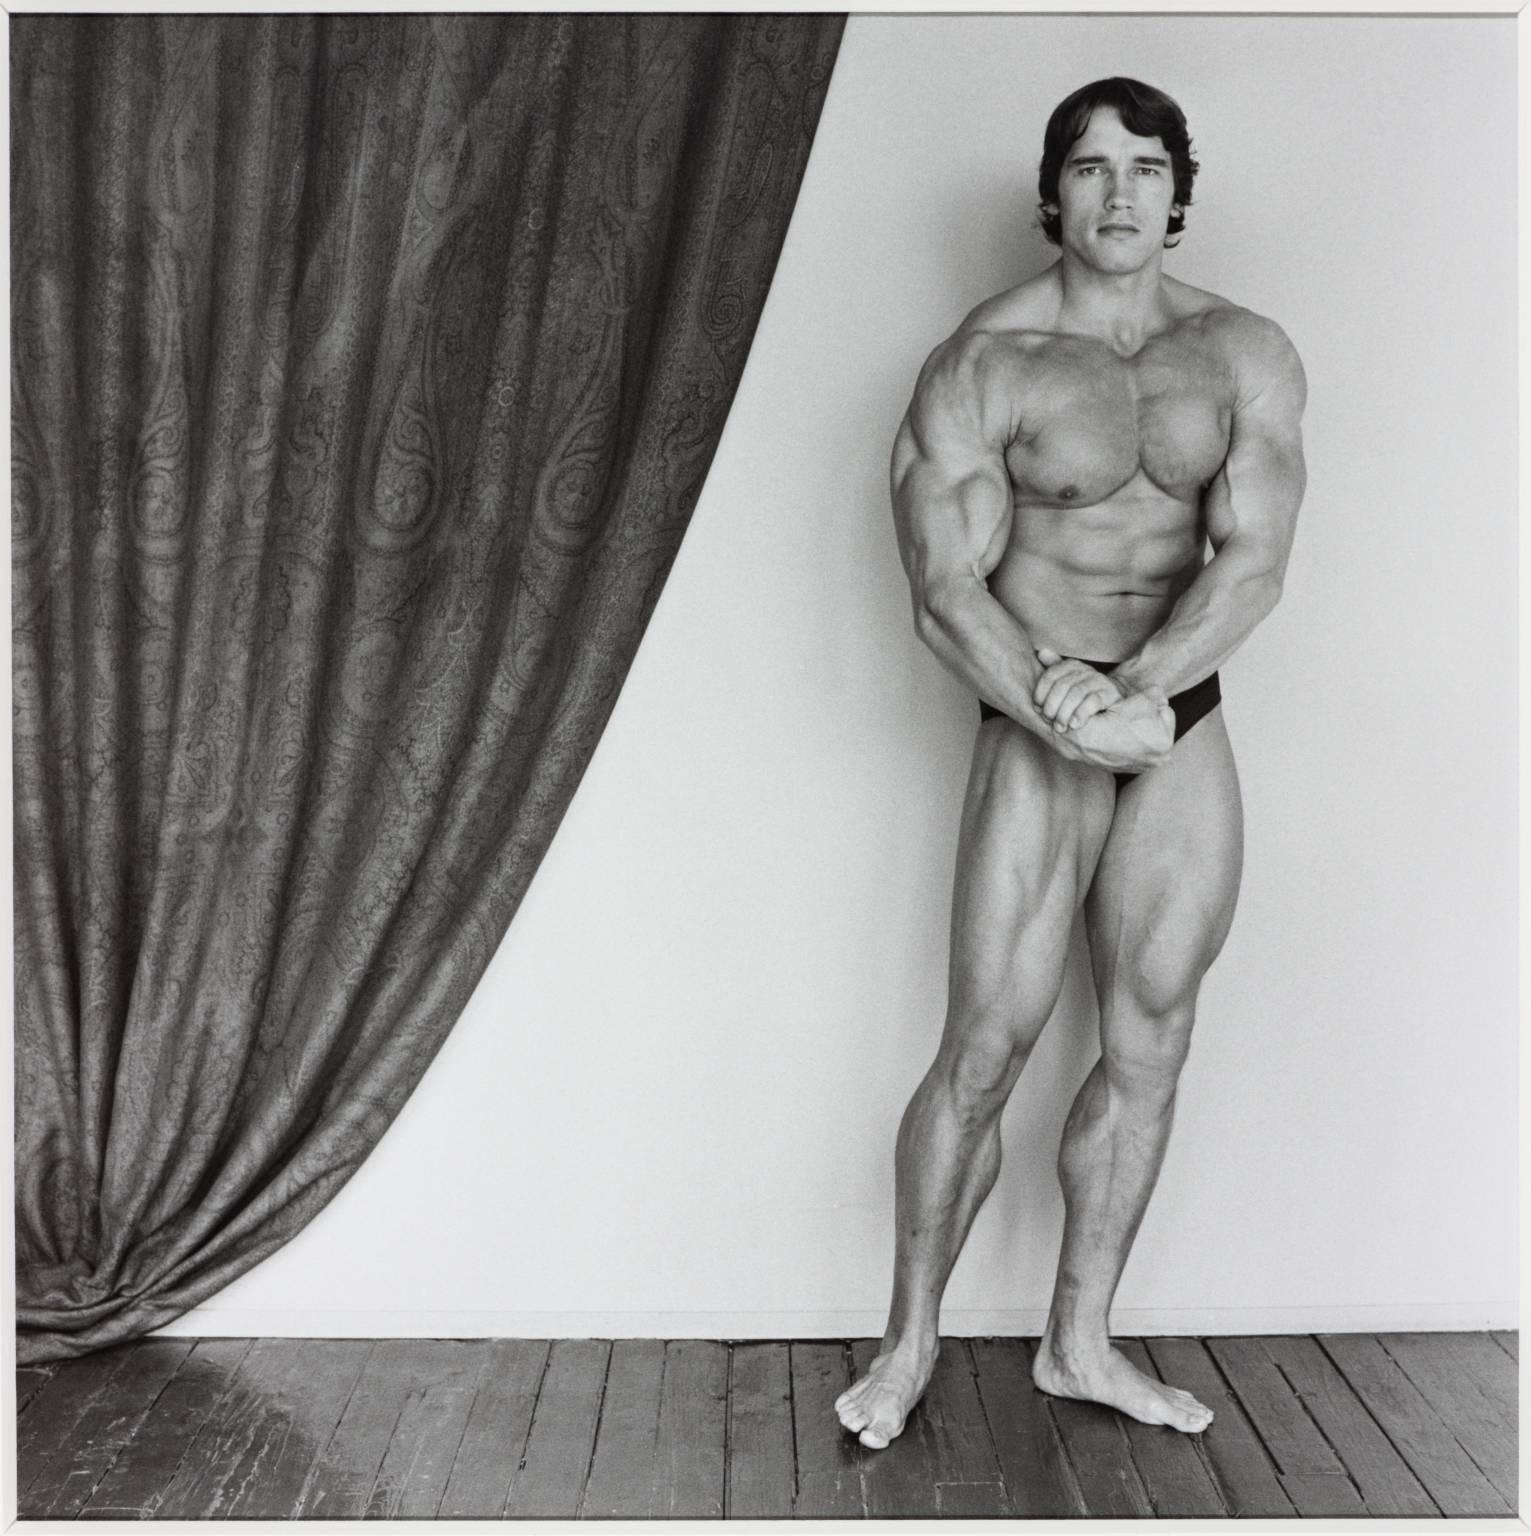 Robert Mapplethorpe, 'Arnold Schwarzenegger' 1976.jpg